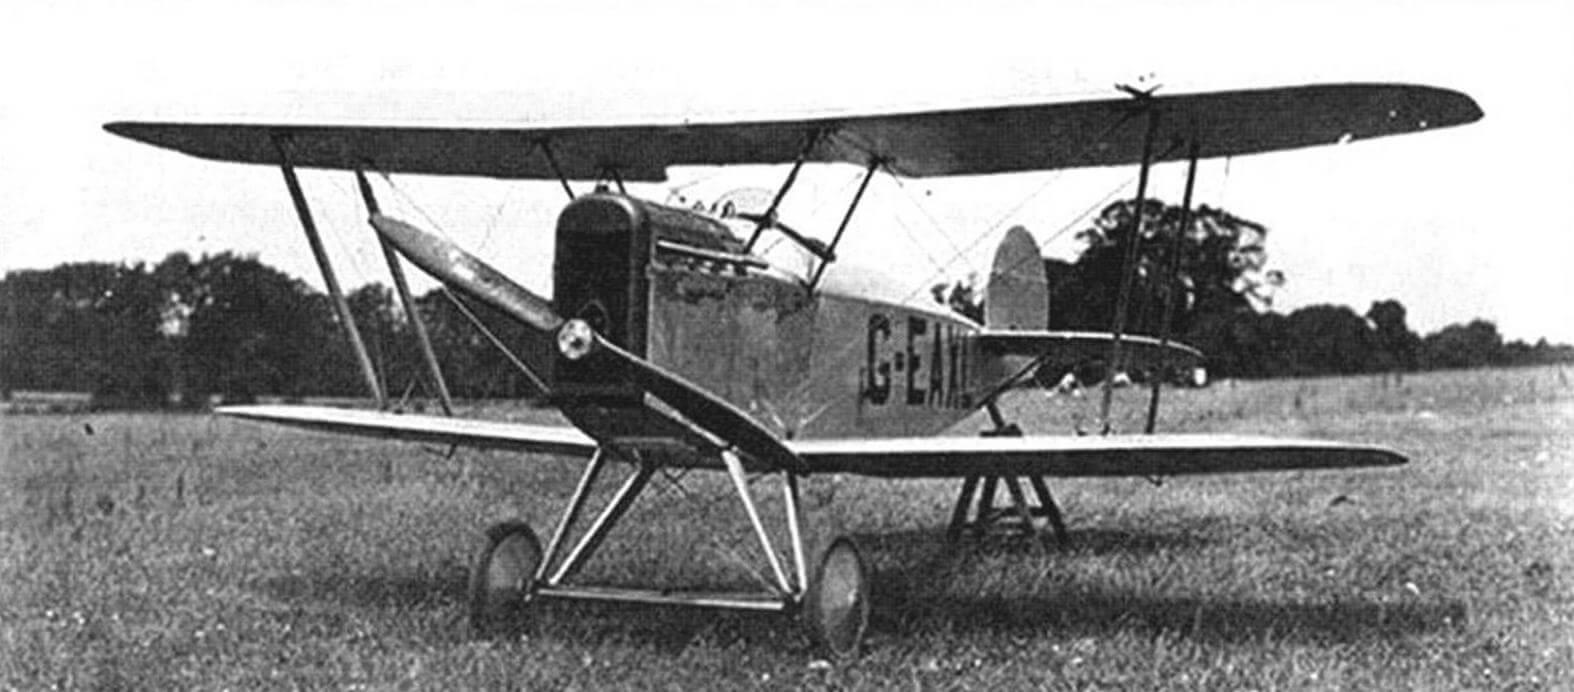 Авро 543С с укороченными крыльями, Хэмбл, июнь 1921 года